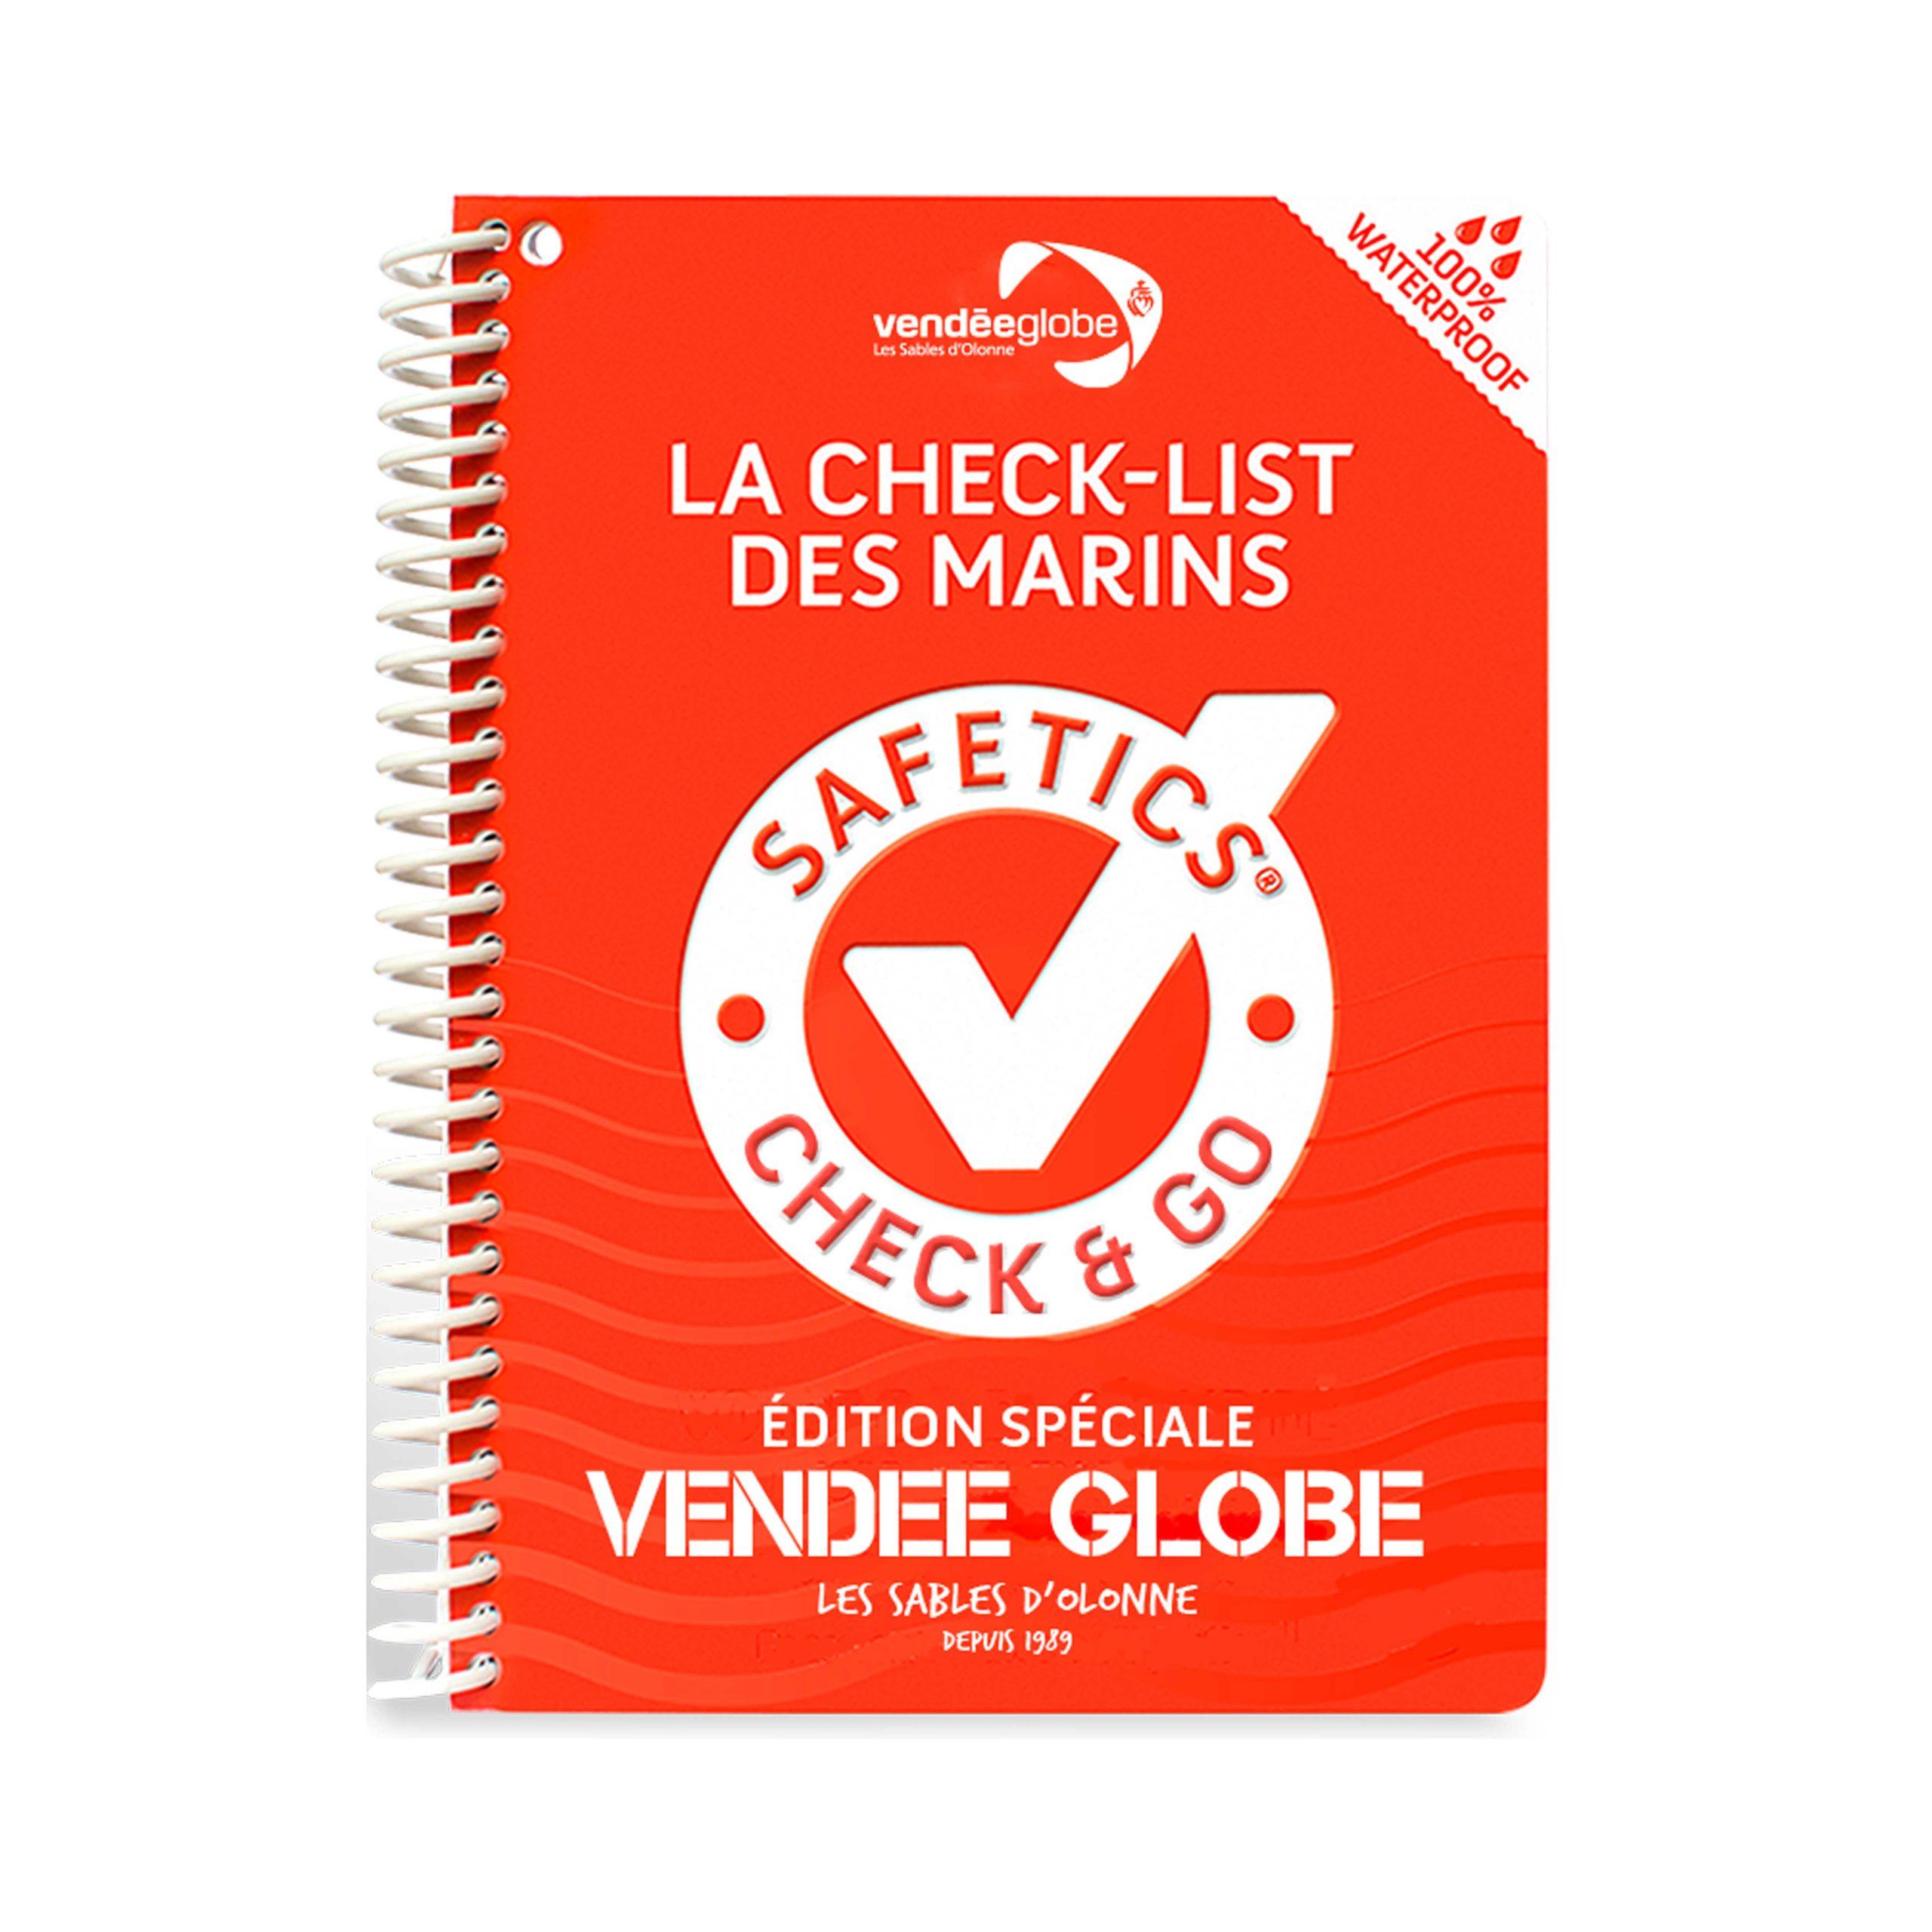 Livre La Check List Des Marins Boutique Vendee Globe